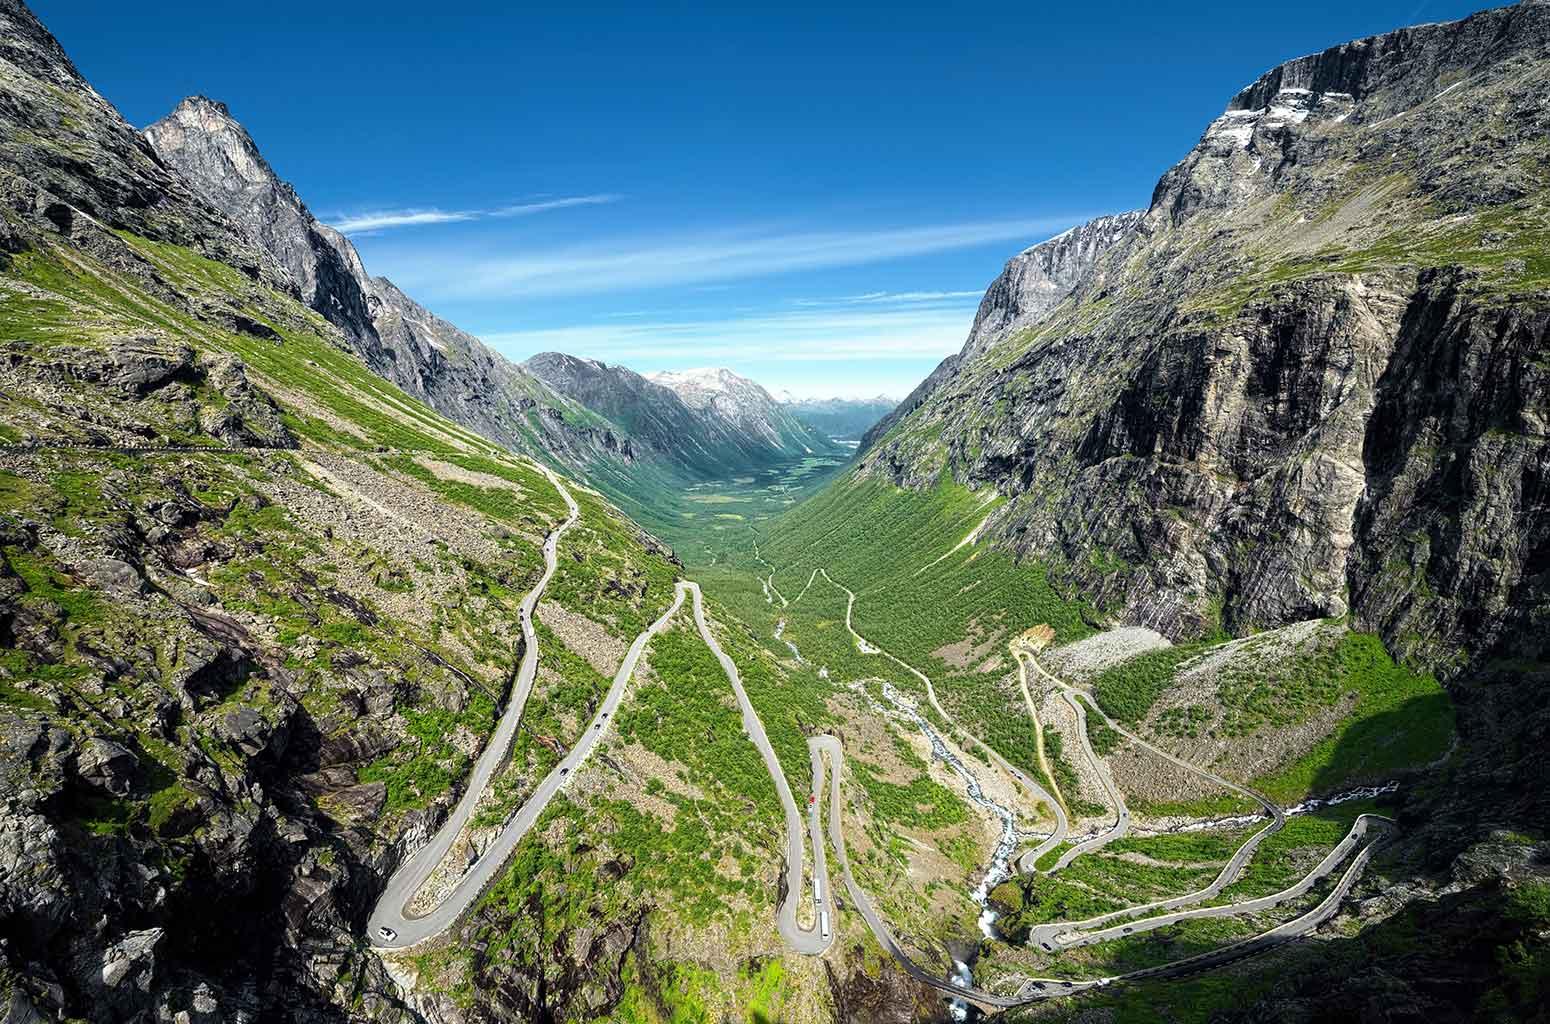 Trollstigen, or Troll Road, and its 11 hairpin bends